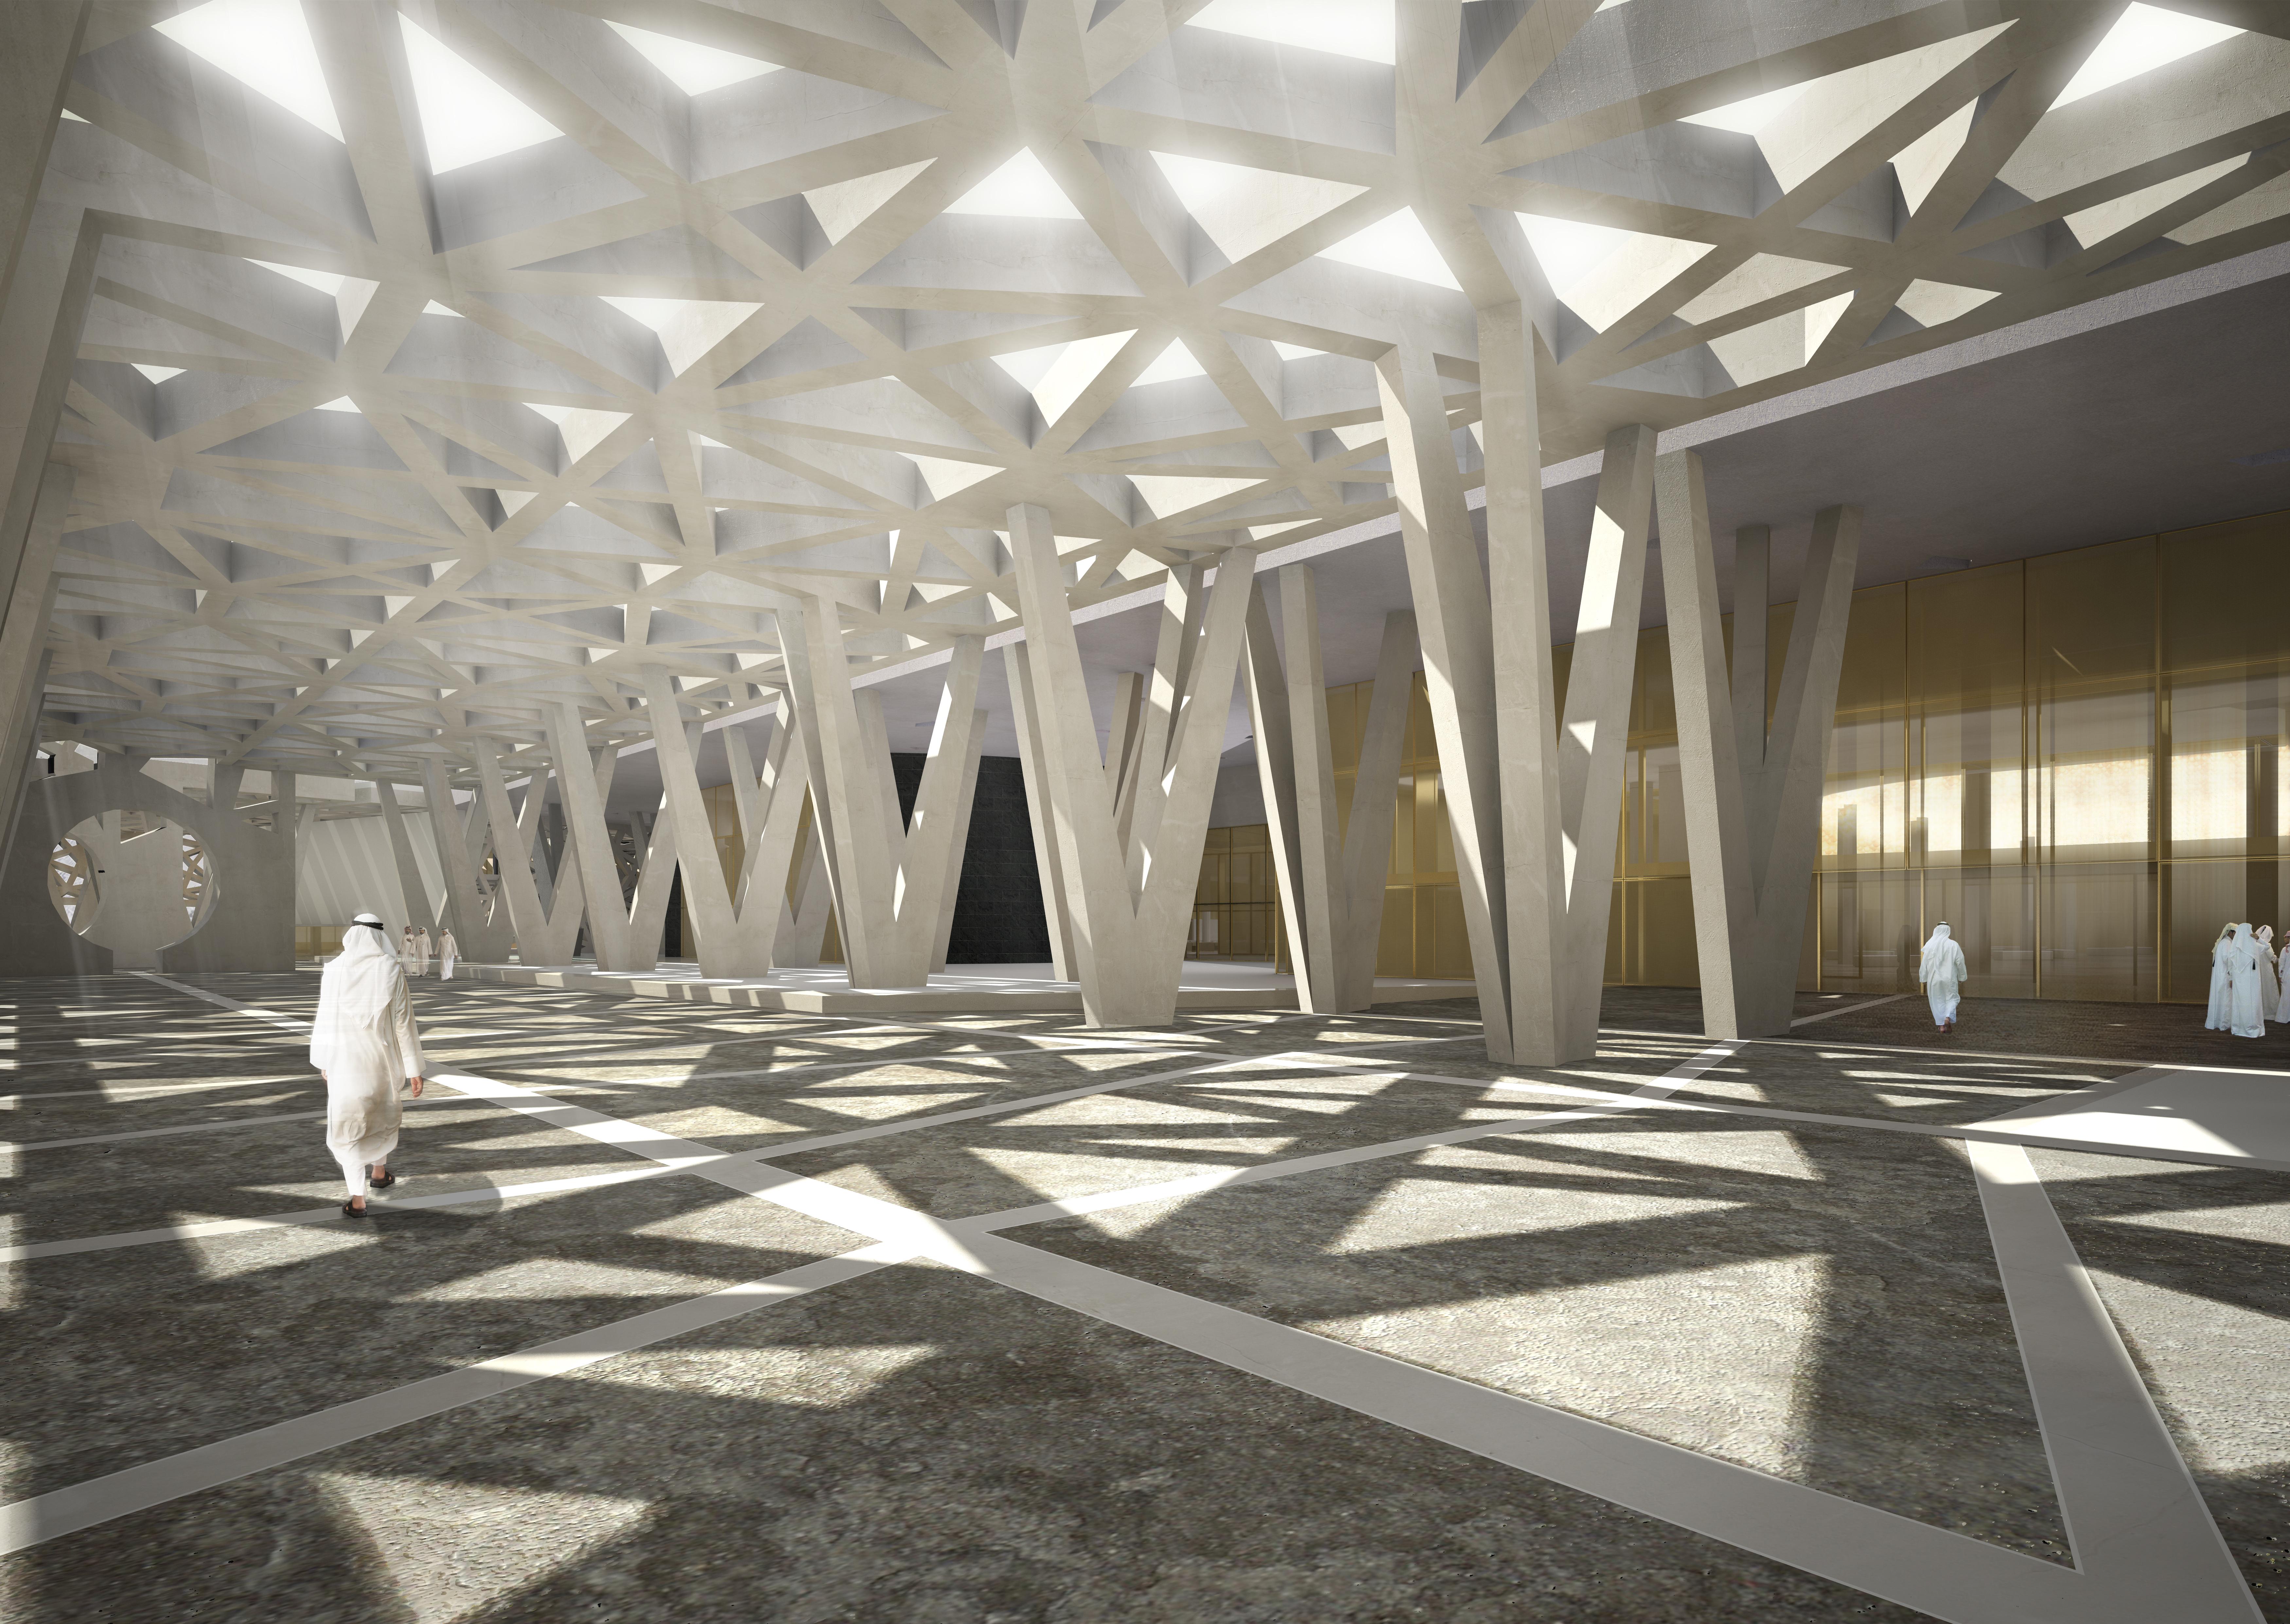 Concorso su invito: Centro Cerimonie famiglia reale, Riyadh